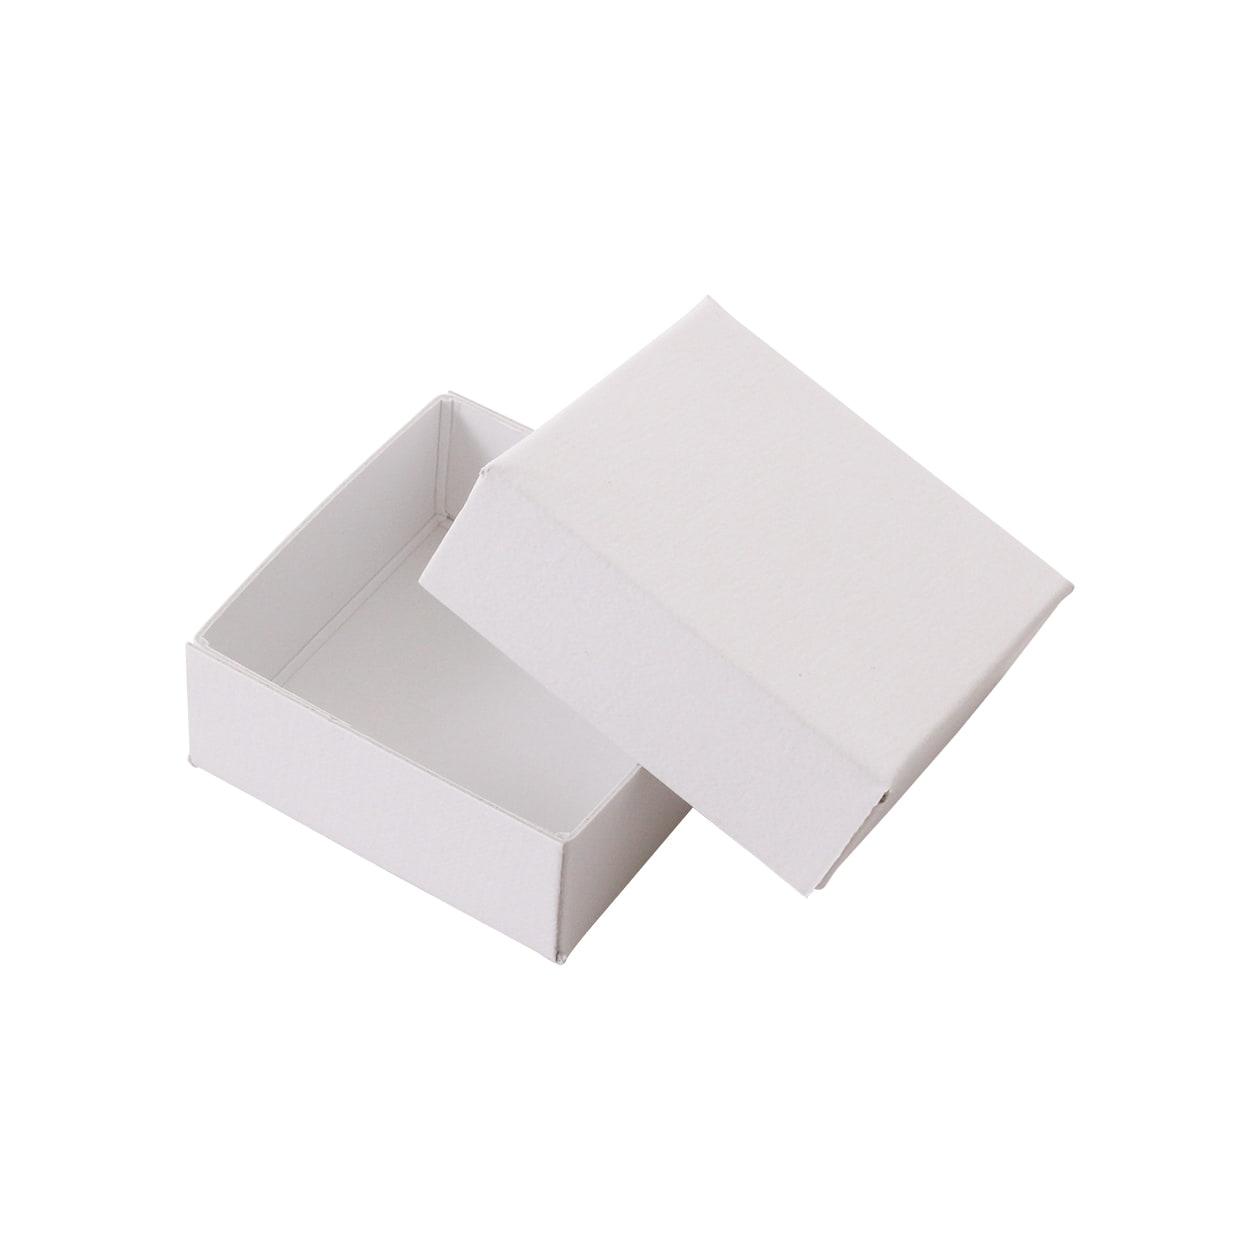 #386糊どめ箱 ボード紙 ハイホワイト 500g